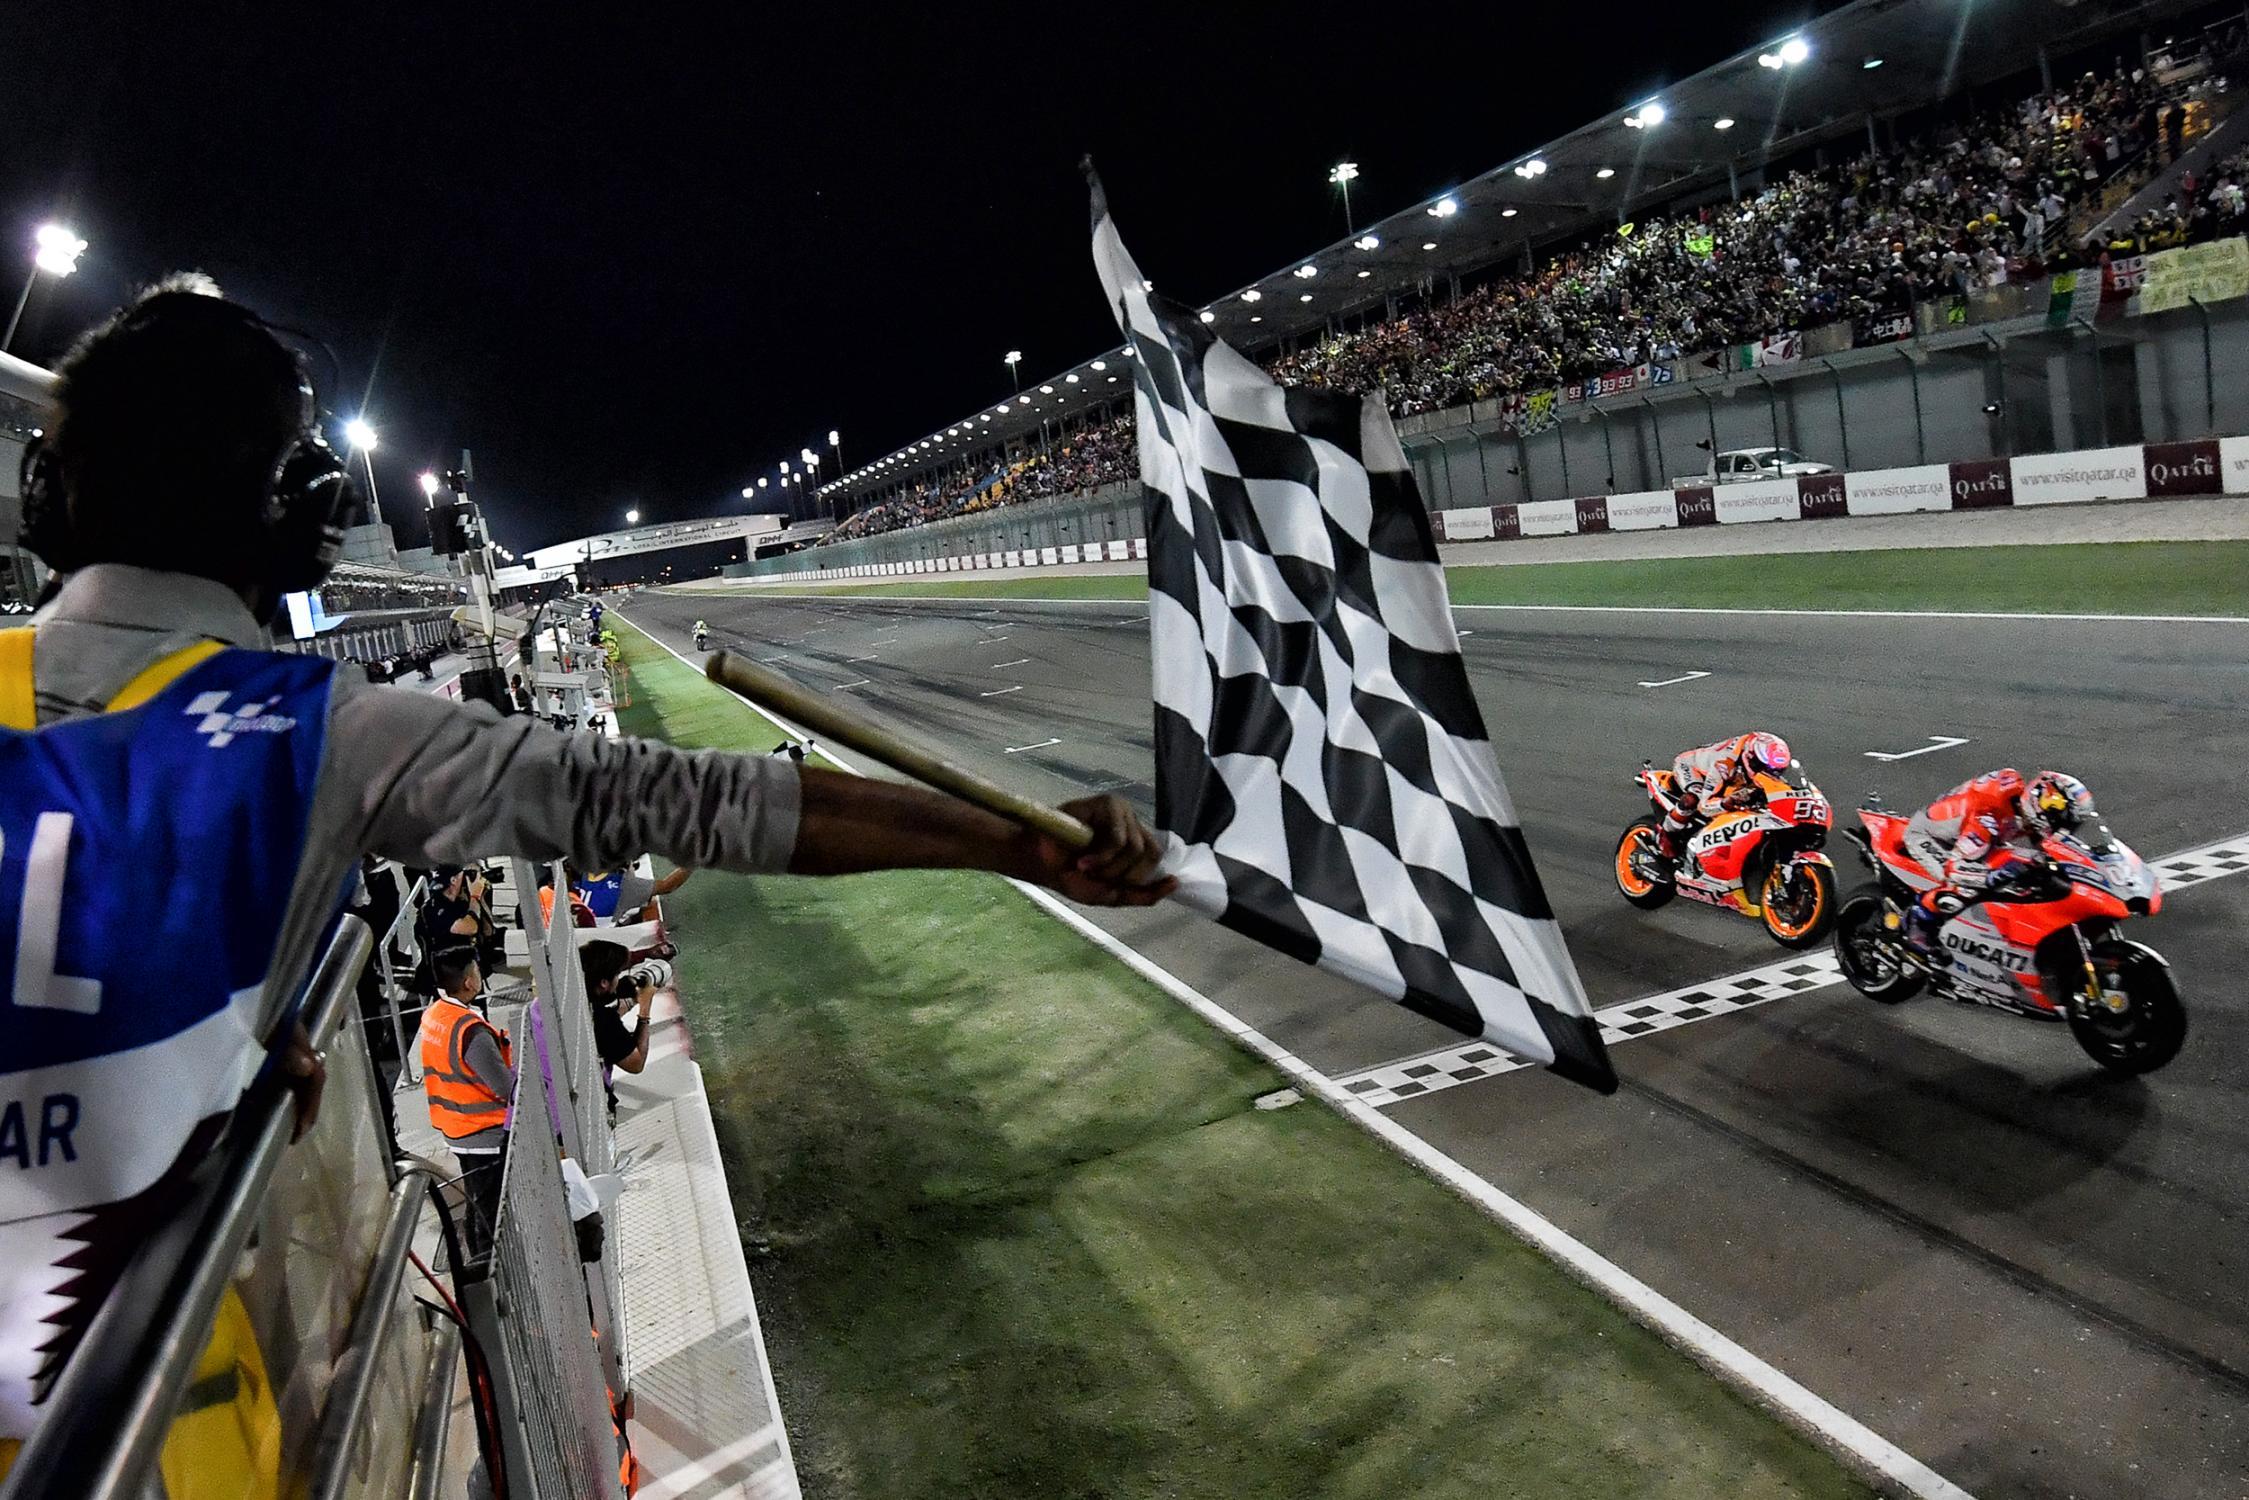 2018 MotoGP Qatar - Dovi dominates in the desert at the MotoGP